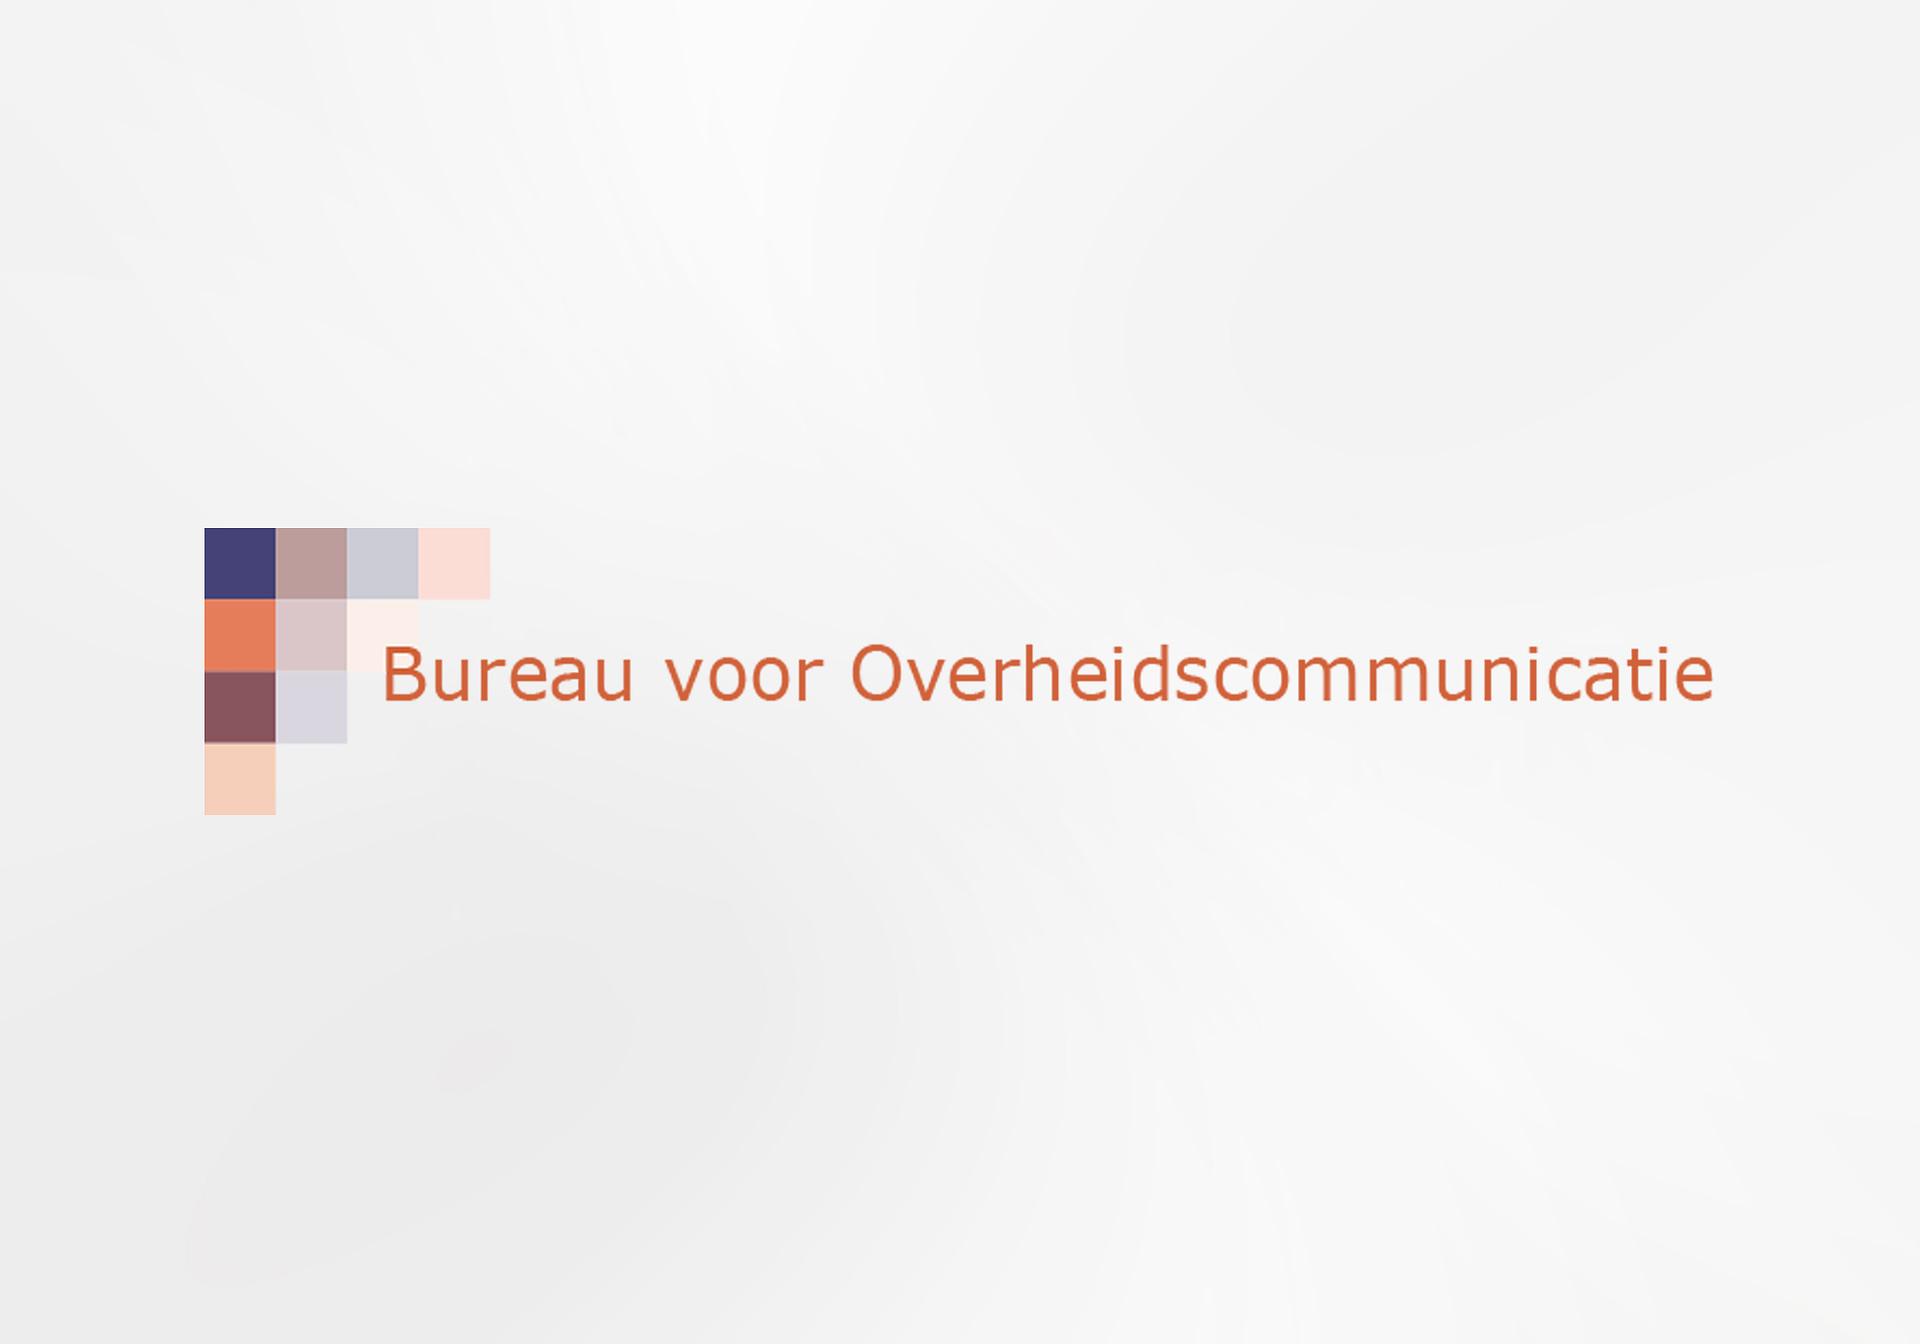 Bureau voor Overheidscommunicatie